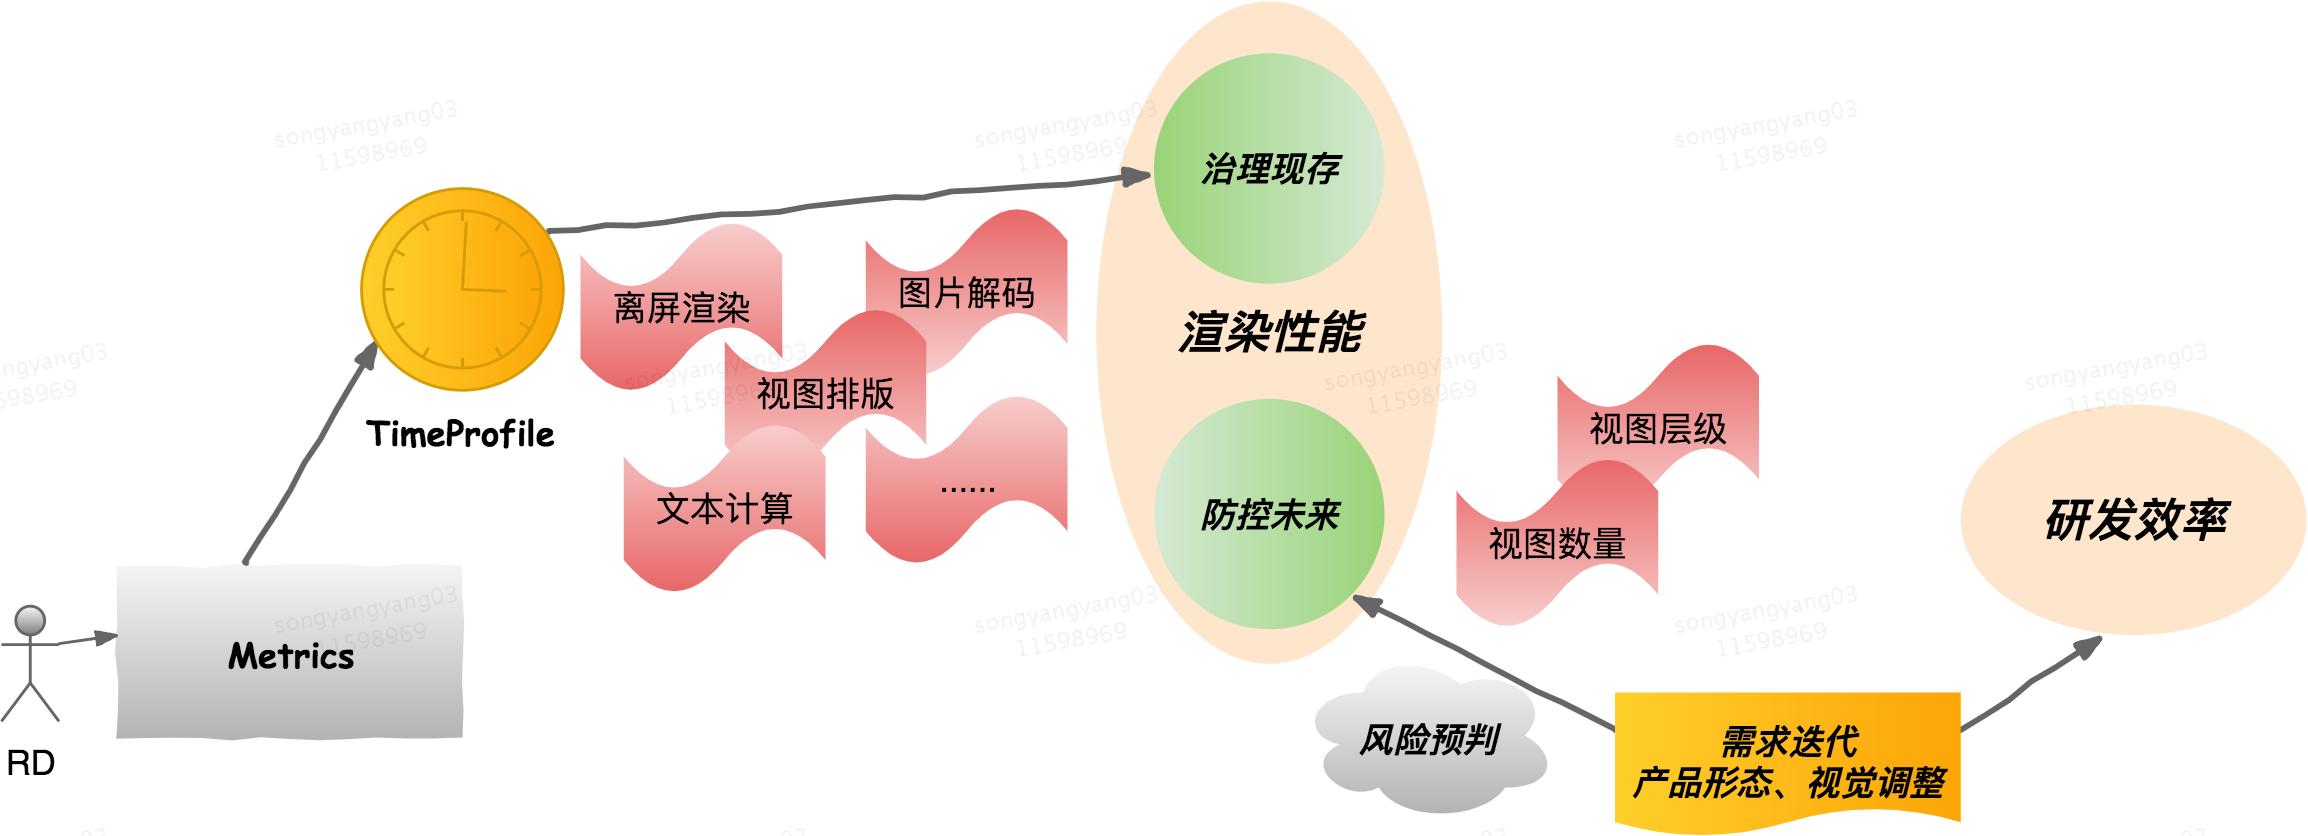 图2 影响渲染性能、研发效率的瓶颈点